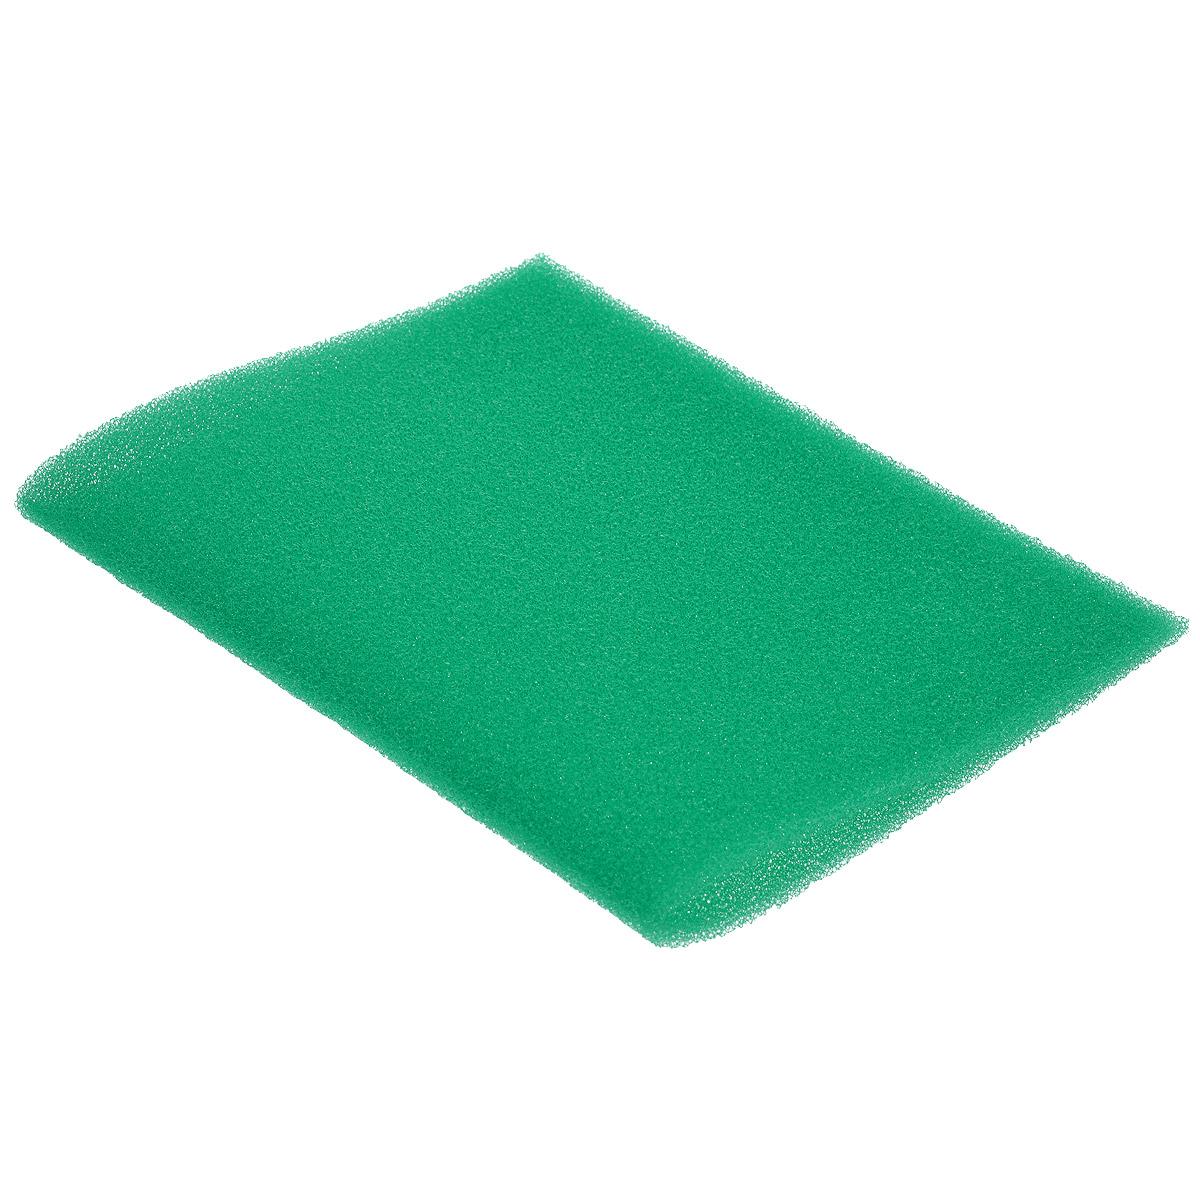 """Коврик для холодильника """"Magic Power"""", антибактериальный, цвет: зеленый, 49 см х 32 см MP-612"""